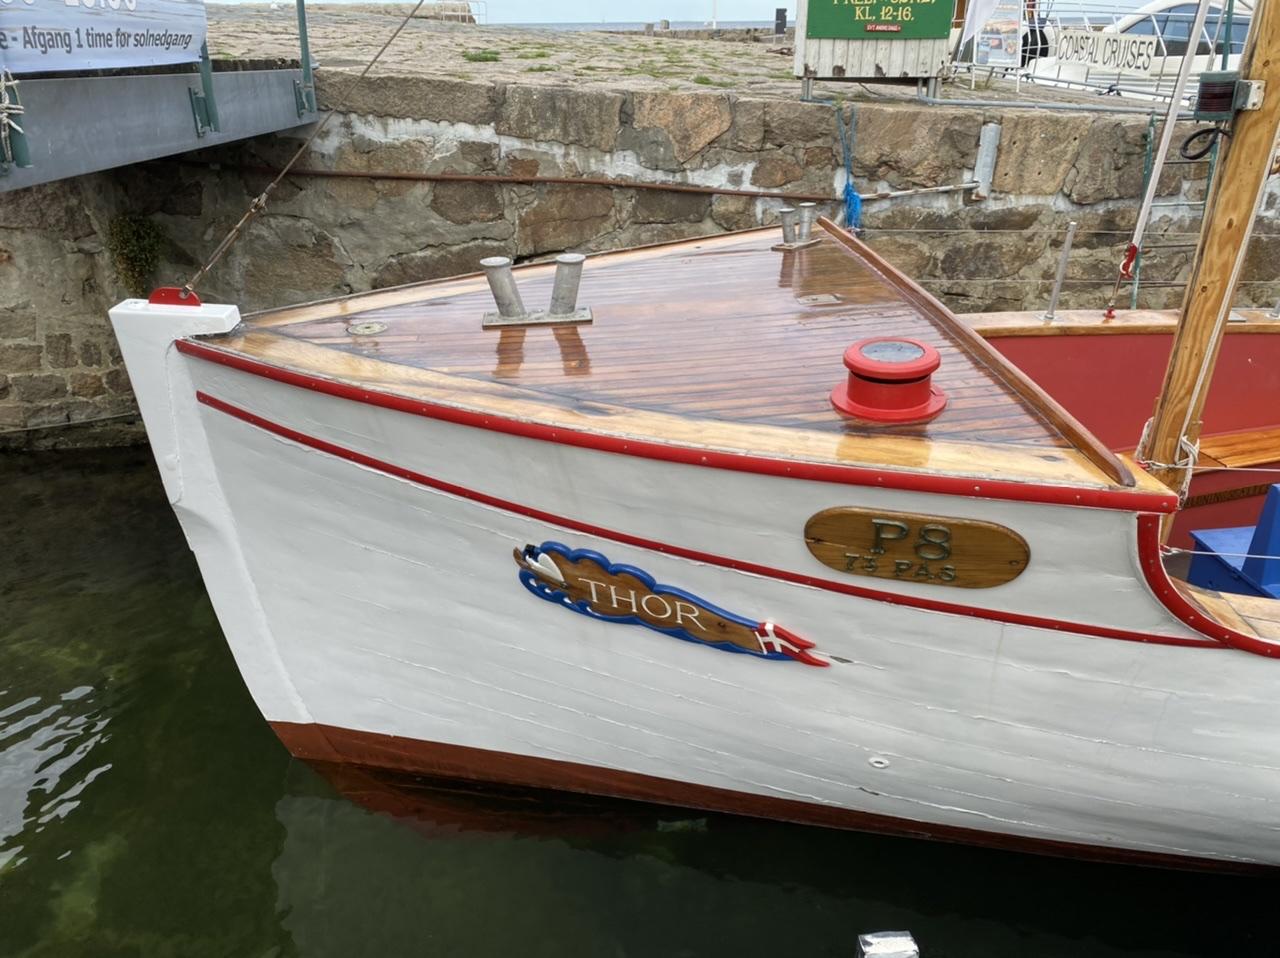 Det mere end 100 år gamle træskib og turbåd M/S Thor - 2020